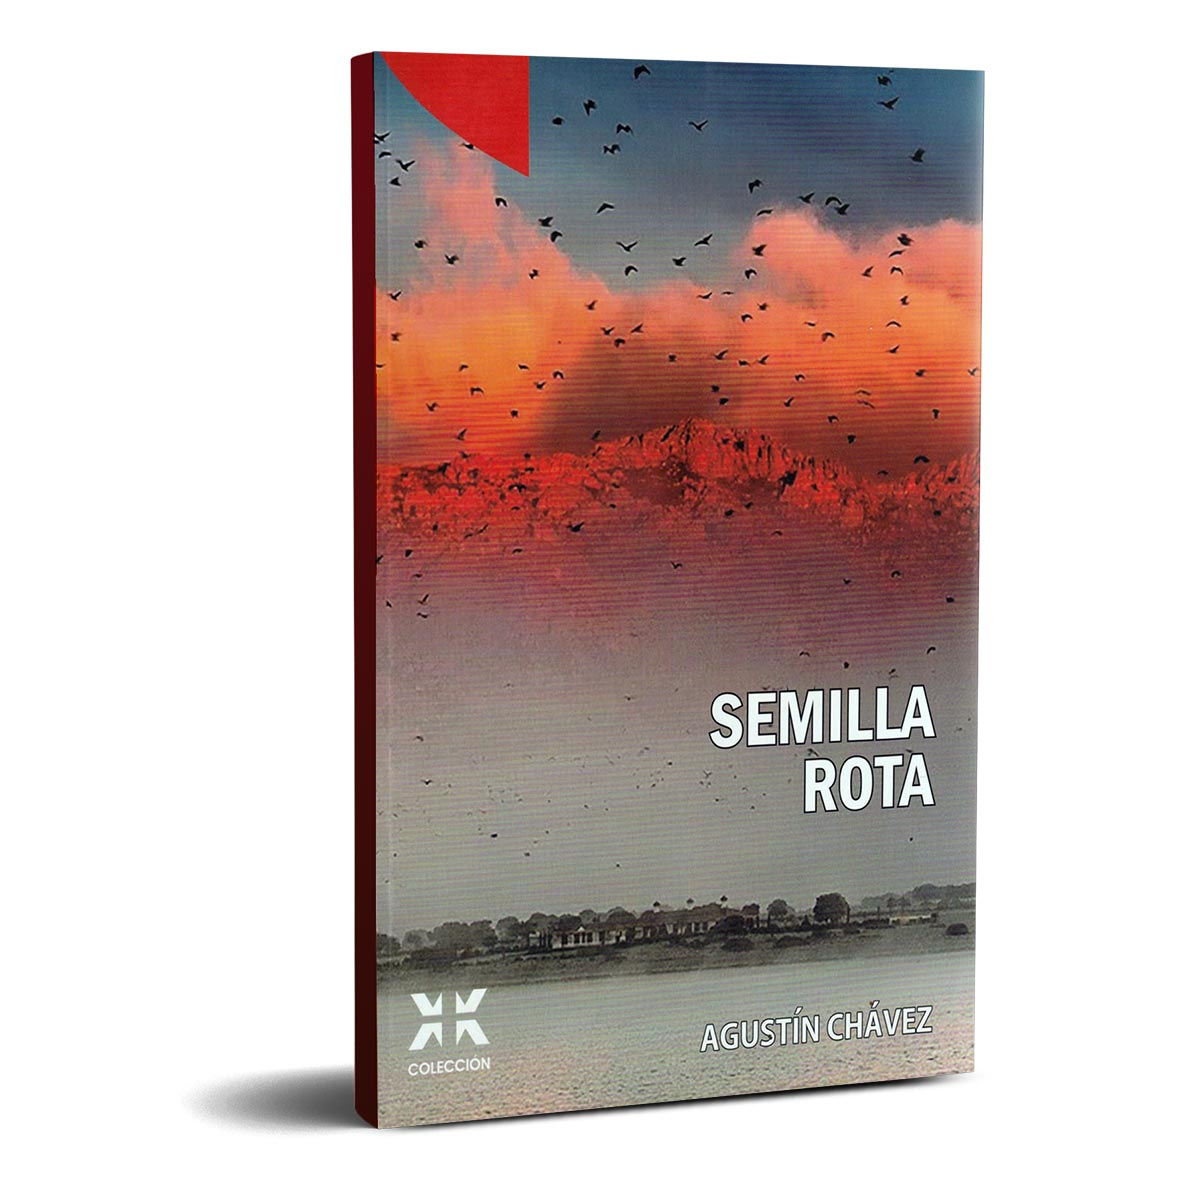 Semilla Rota